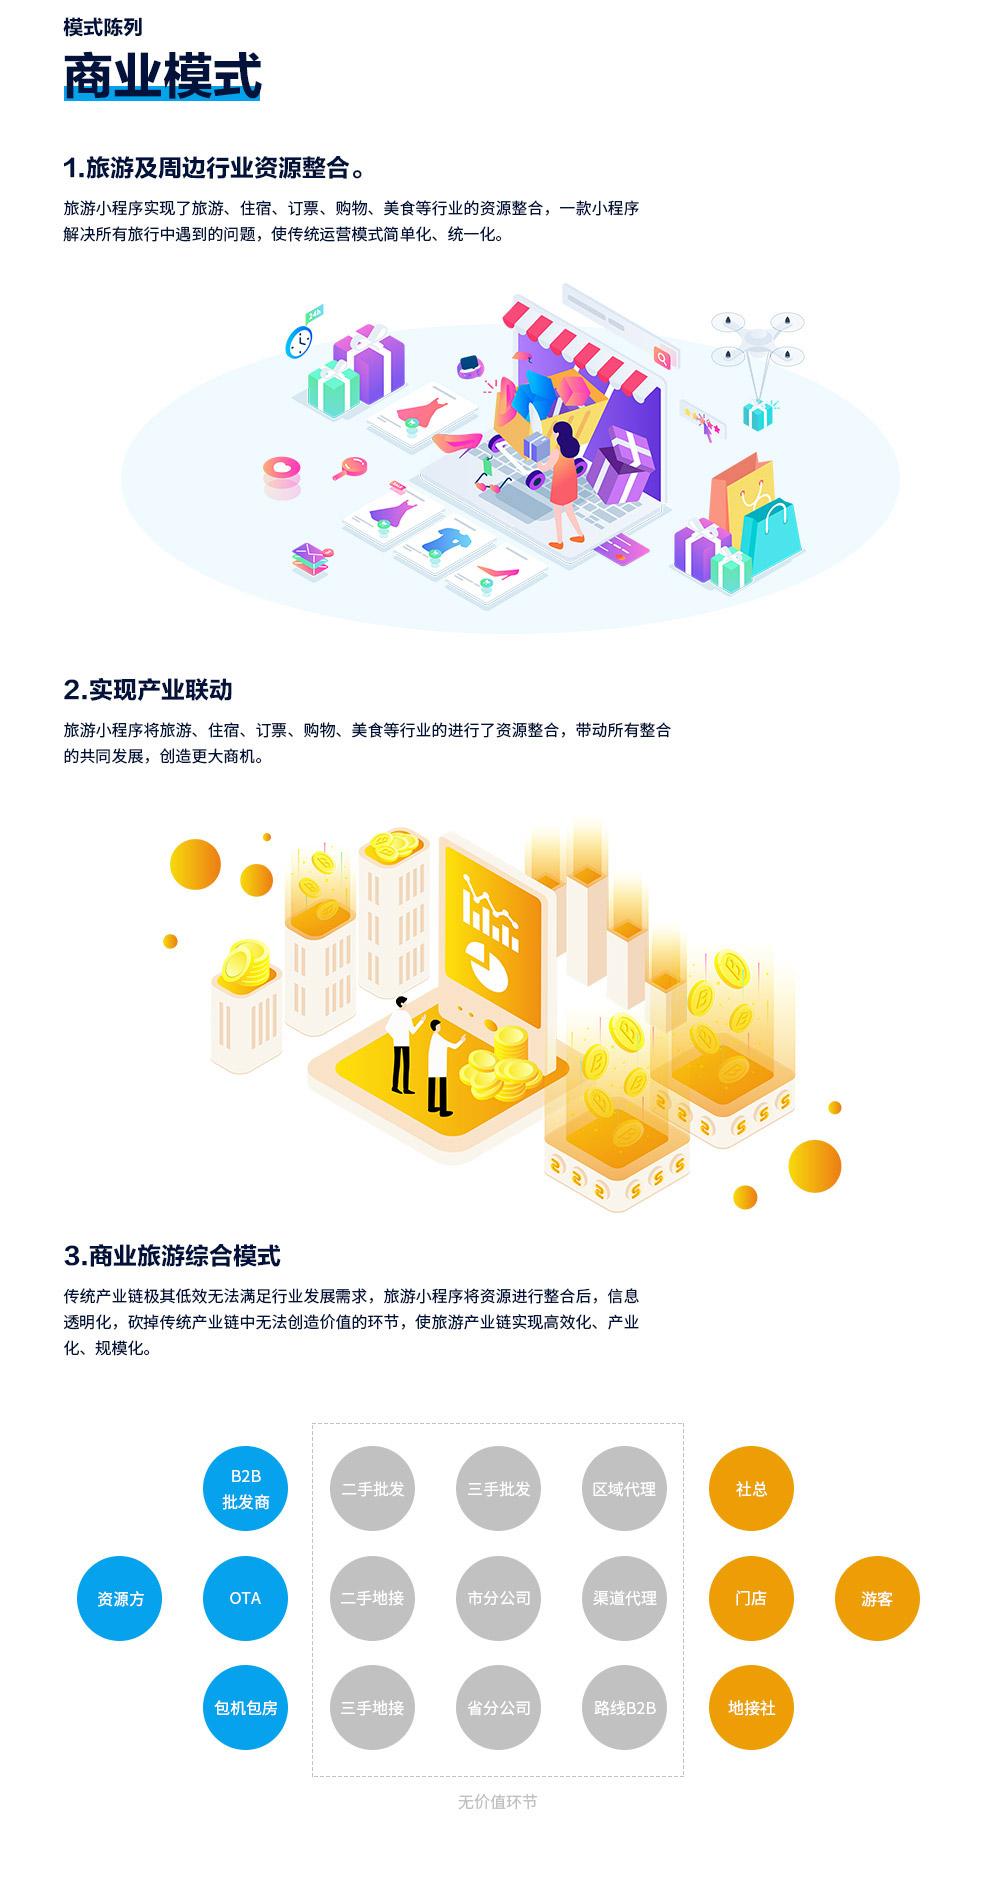 旅游宣传图_02.jpg